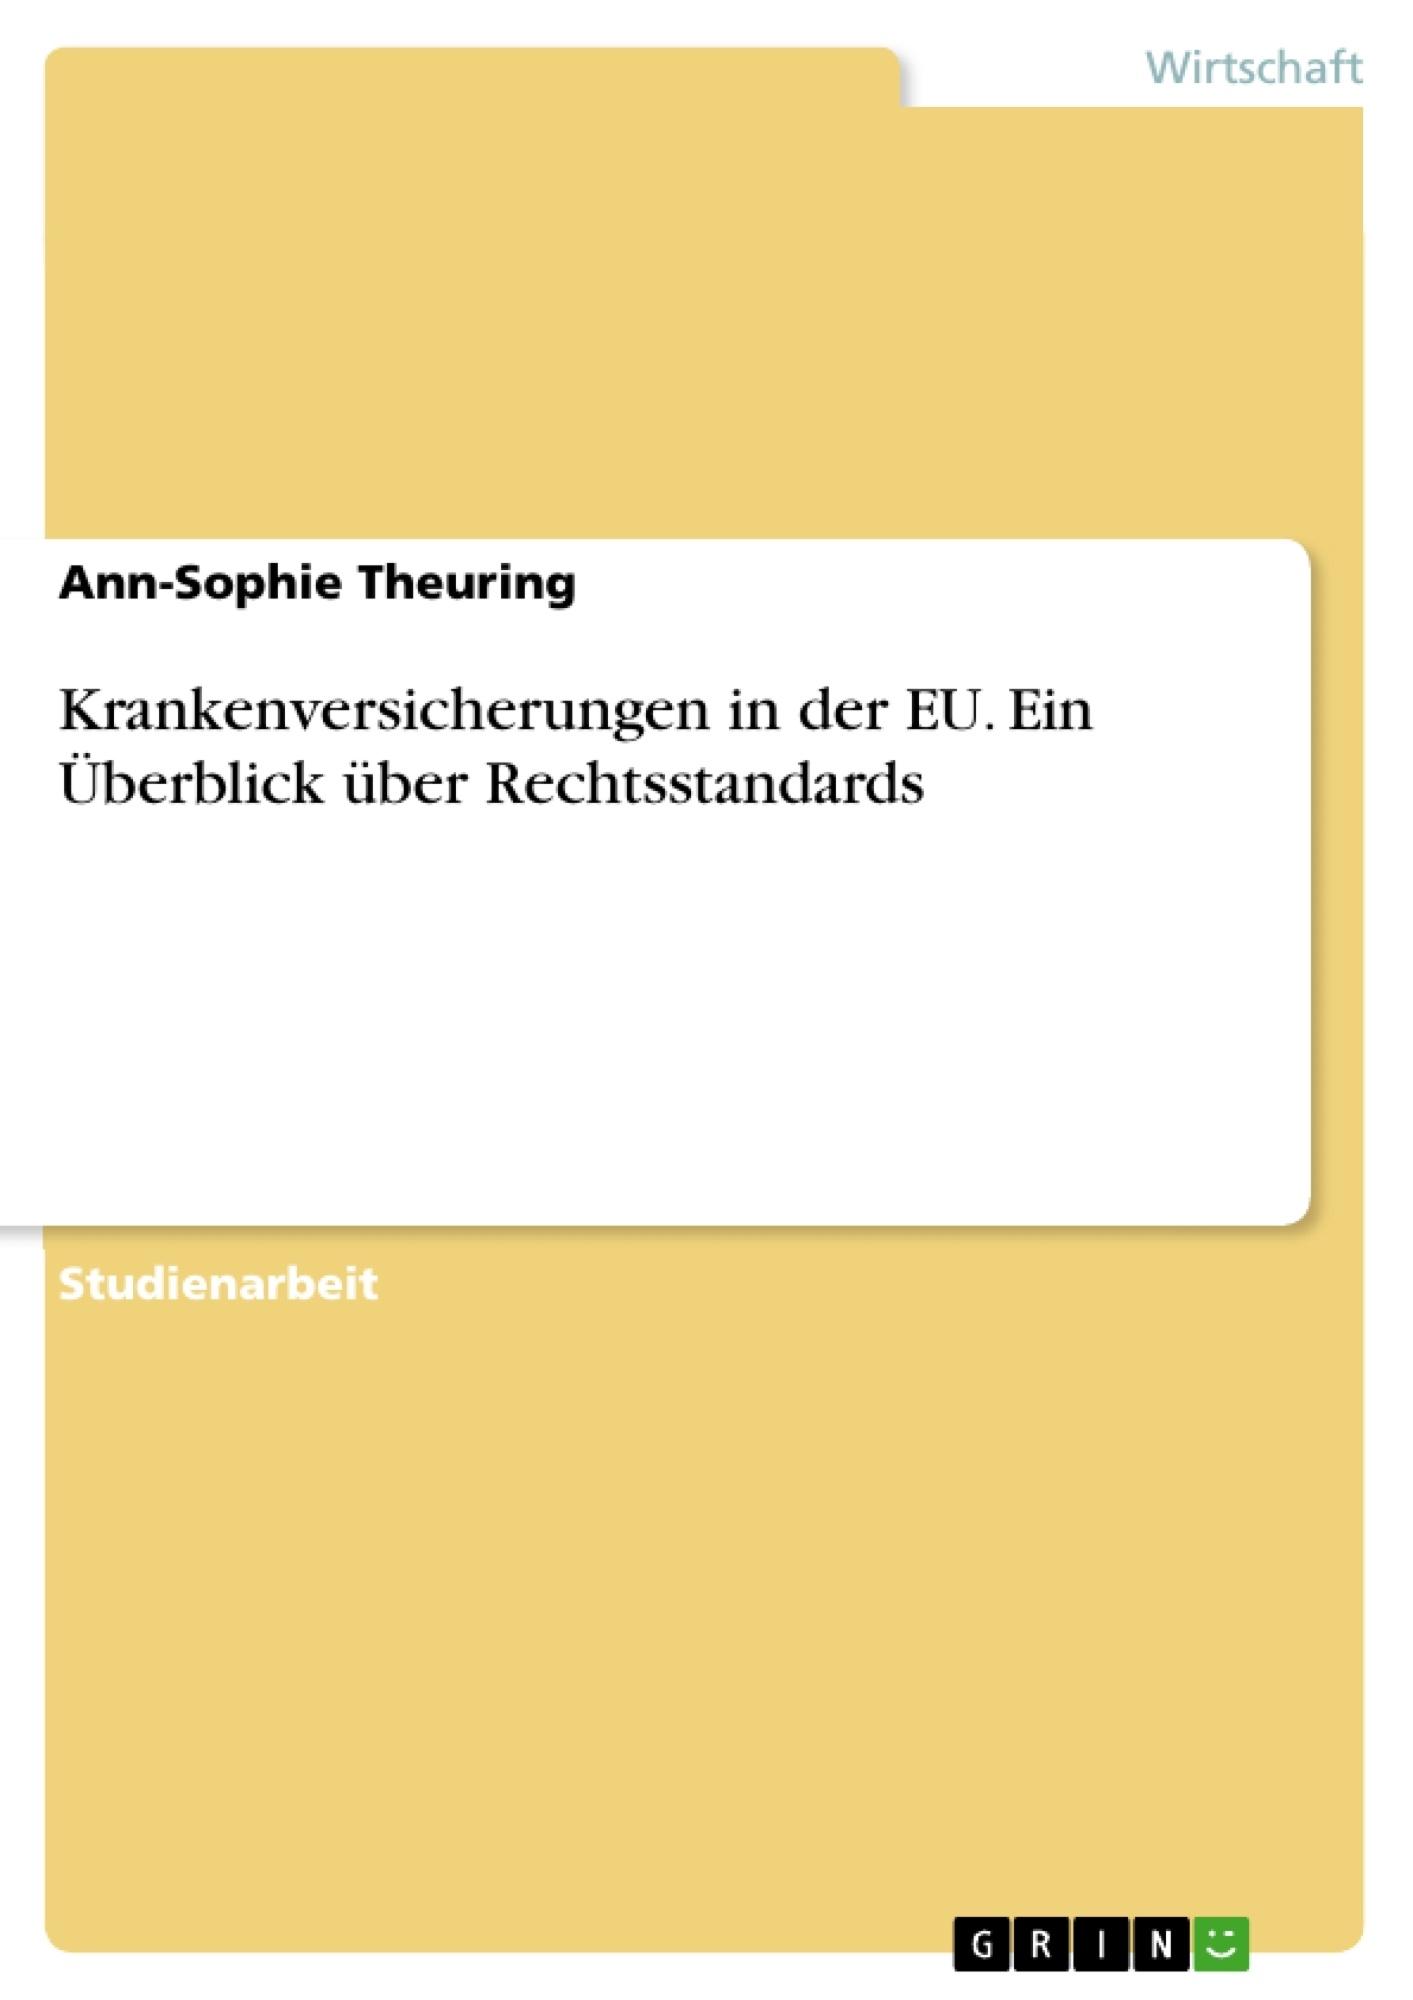 Titel: Krankenversicherungen in der EU. Ein Überblick über Rechtsstandards